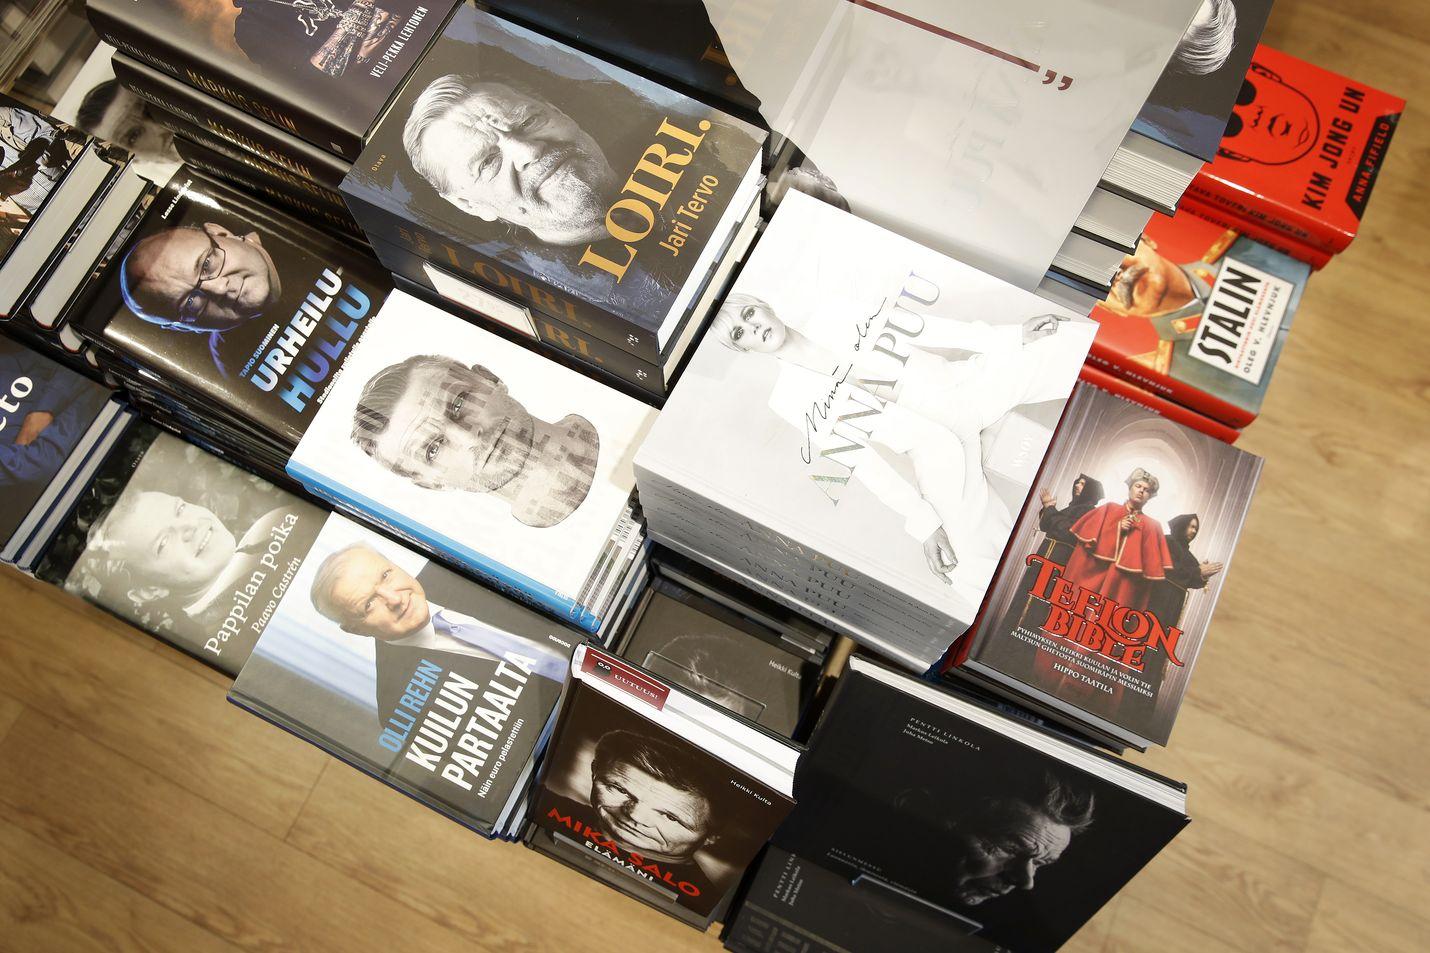 Näitä riittää. Kirjakaupoissa on elämäkerroille omia osastoja ja pöytiä, joita pitää laajentaa, kun markkinoille tulee kaiken aikaa uusia muistelijoita. Nyt nousussa ovat urheilijat ja rikolliset.